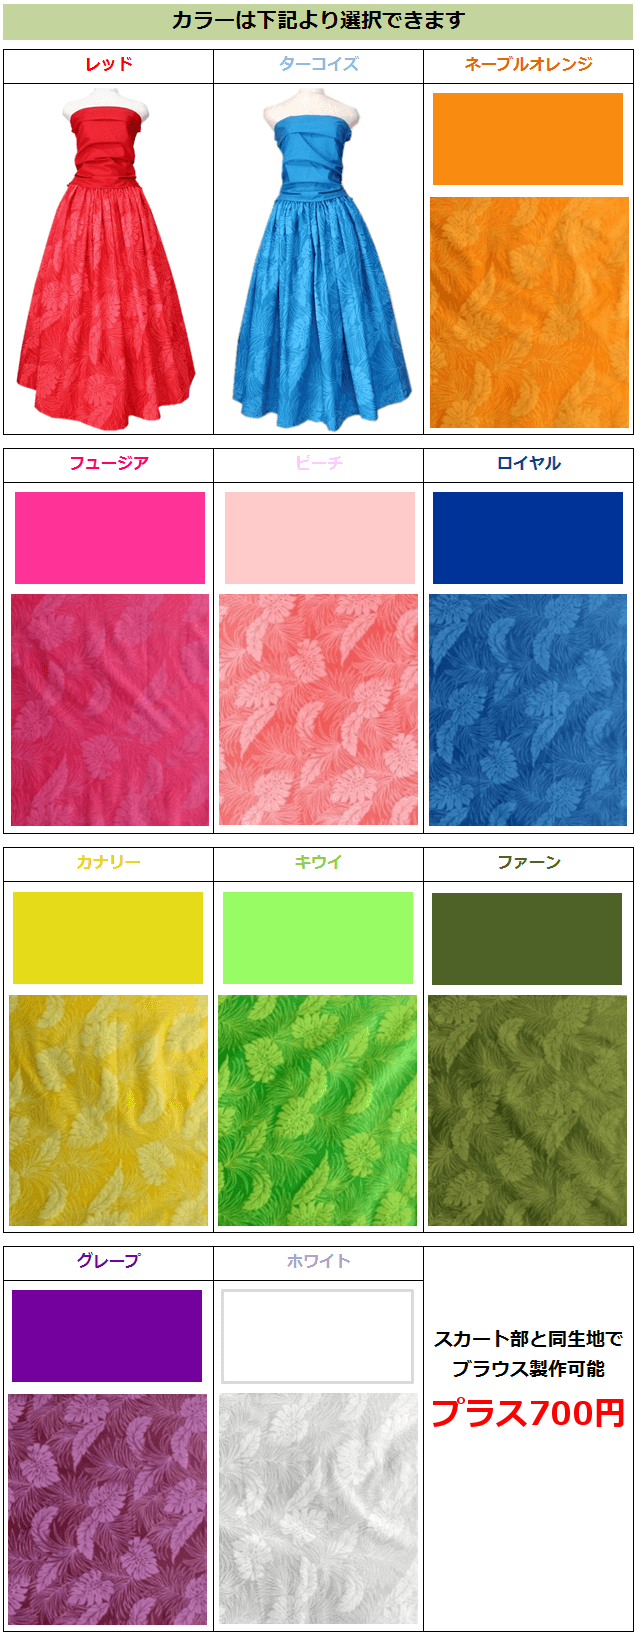 フラドレス カイウラニライン カラーの選択